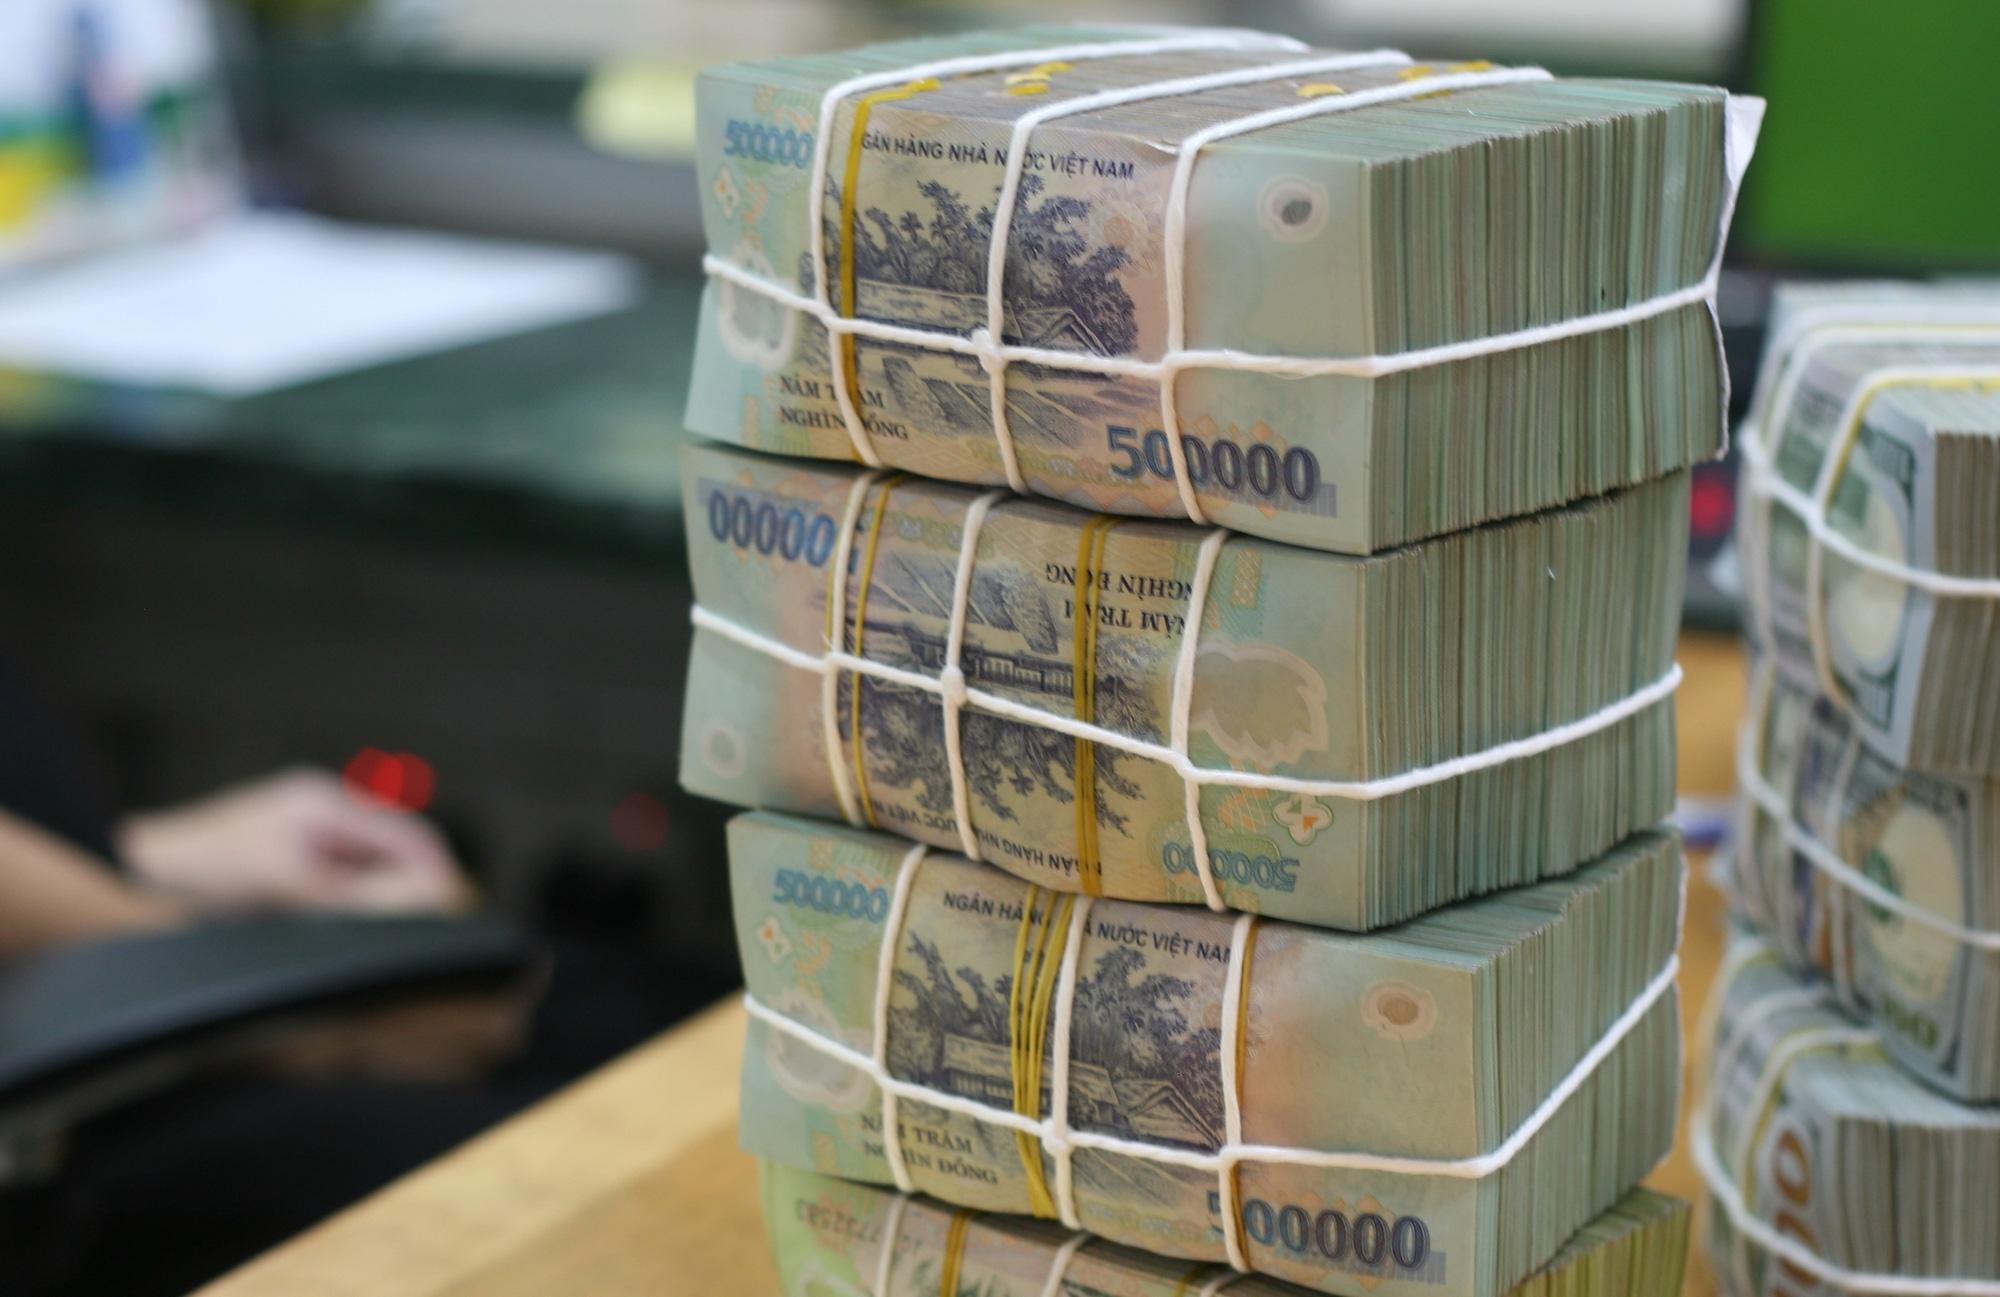 Bộ Tài chính: Thu hồi được 5,1 nghìn tỷ đồng tiền nợ đọng thuế trong 2 tháng đầu năm - Ảnh 1.